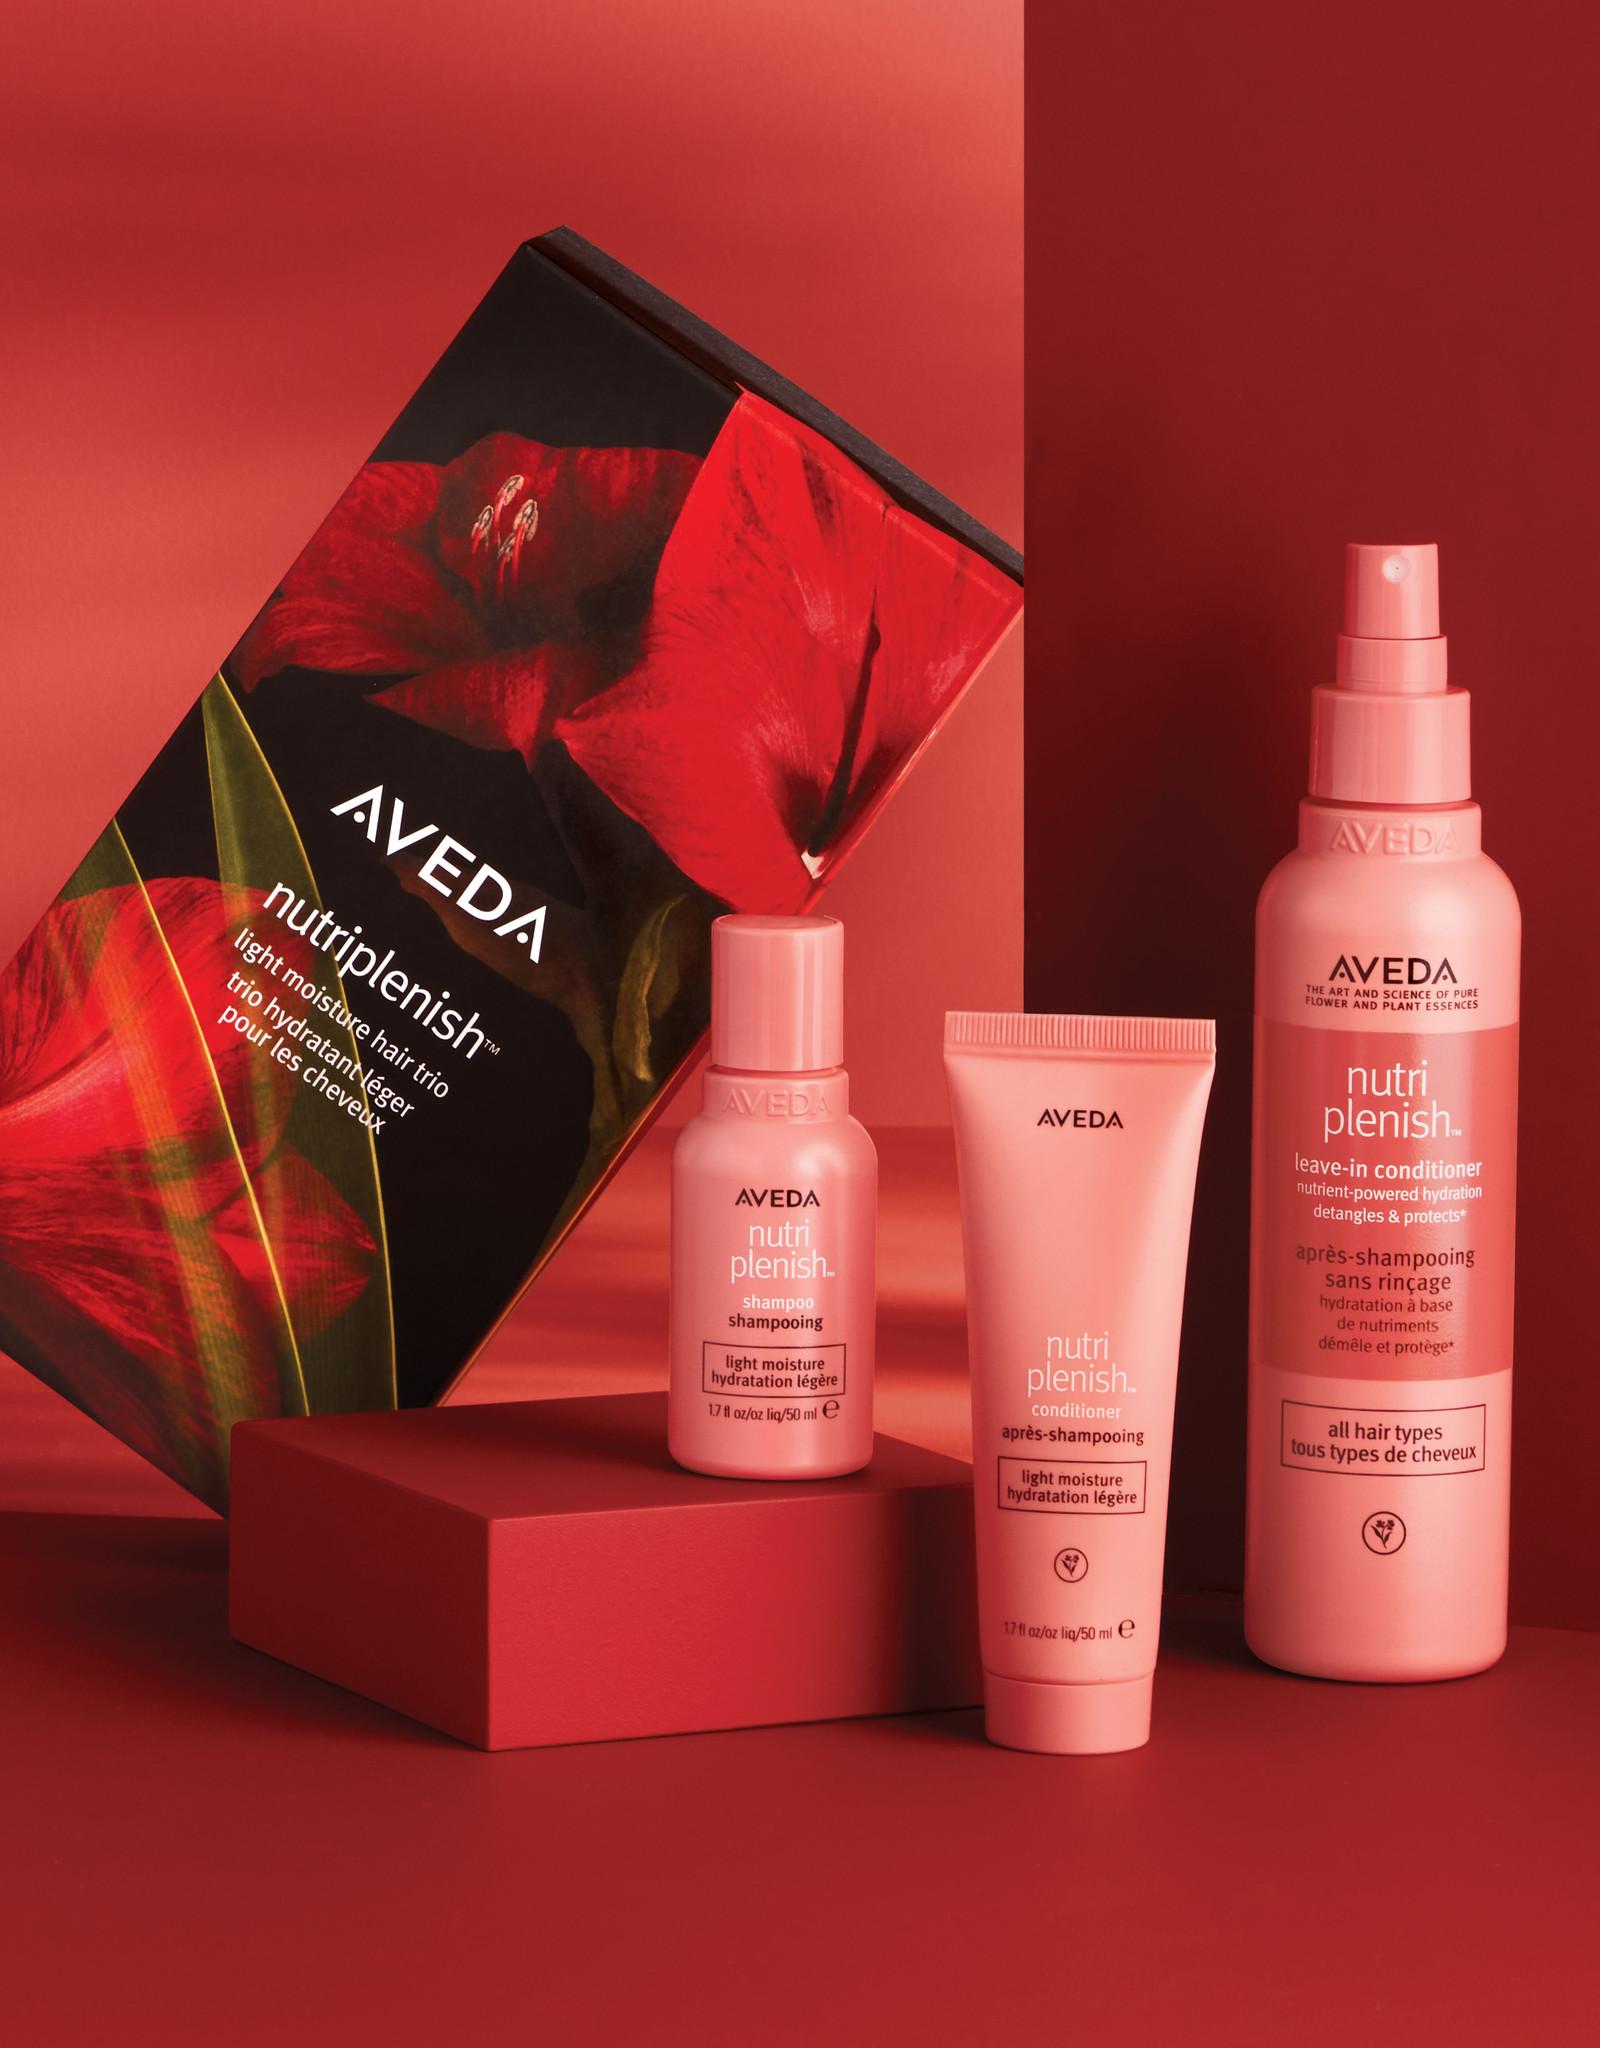 AVEDA Nutriplenish™ Light Moisture Hair Trio